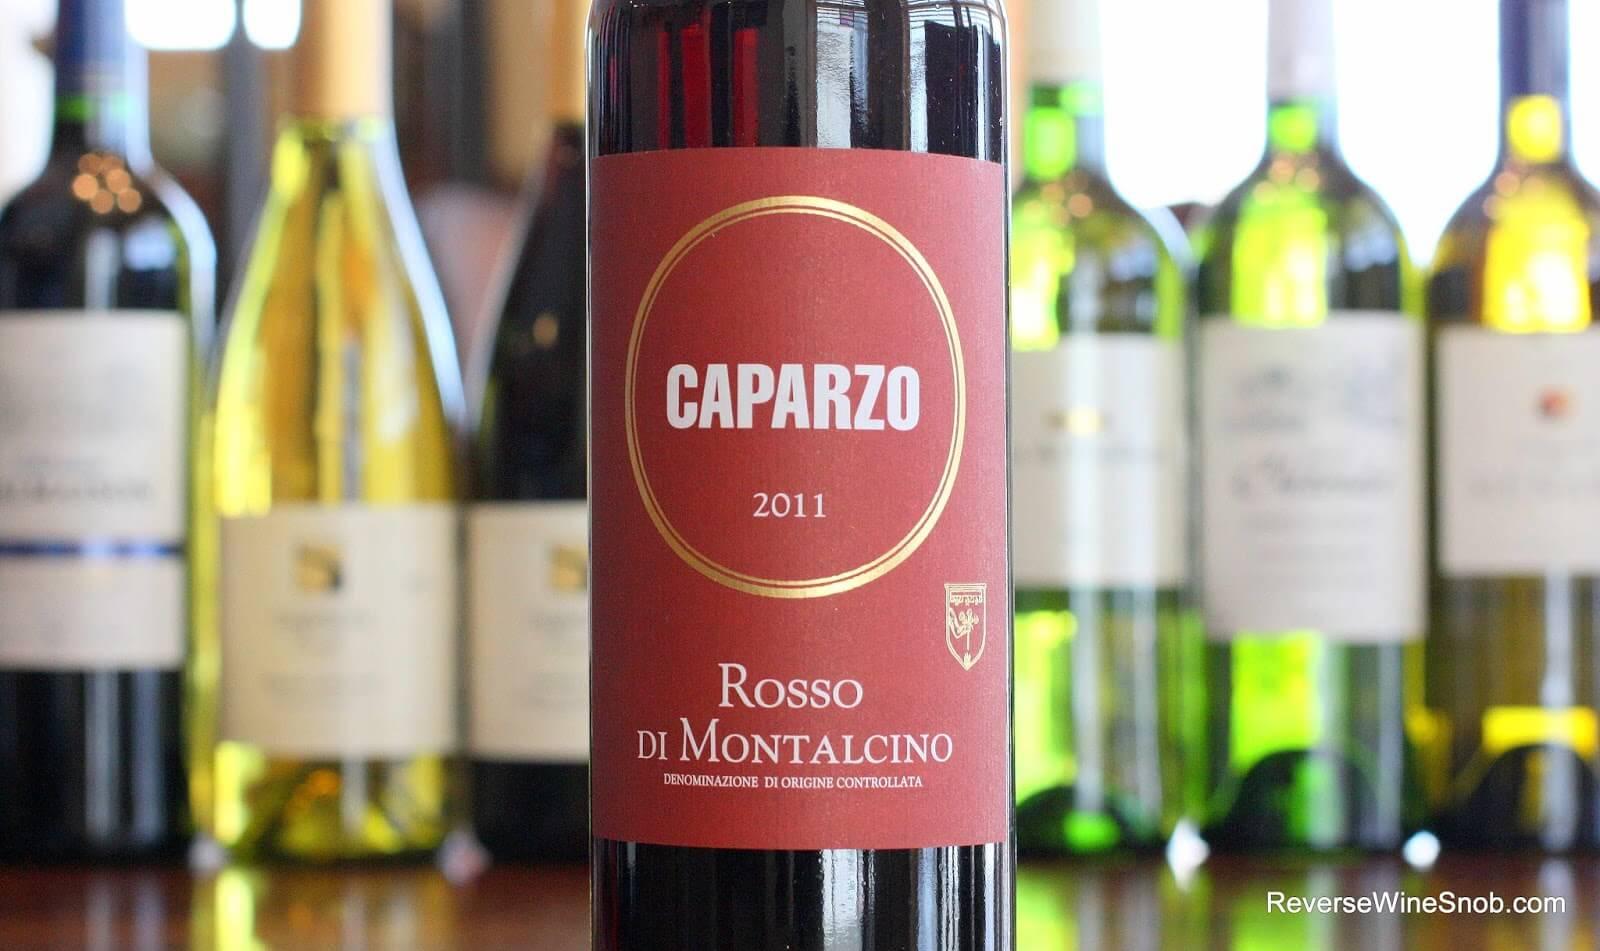 2011-caparzo-rosso-di-montalcino